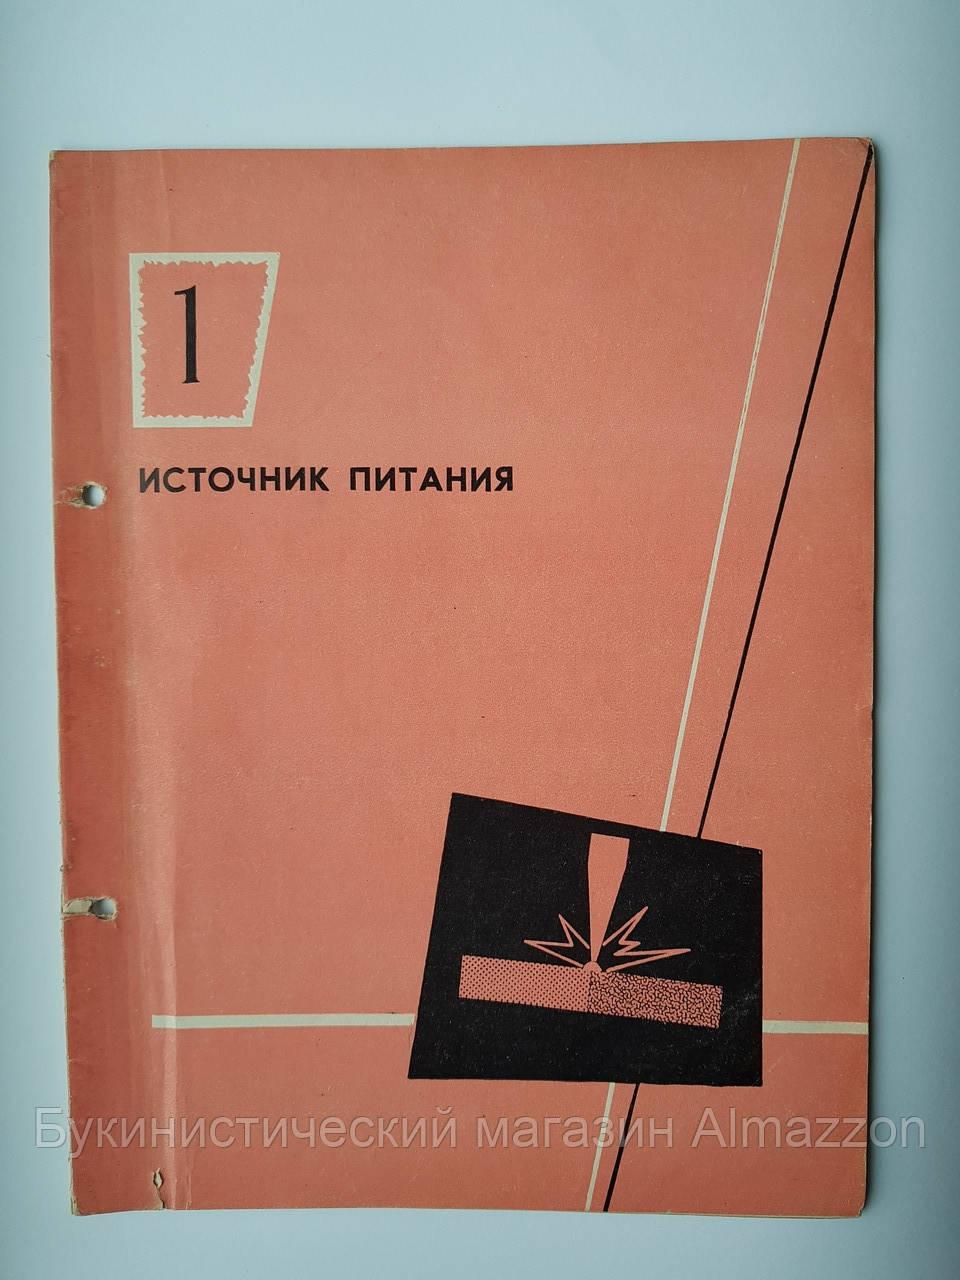 Журнал (Бюллетень)  «Источник питания» 1964 г.